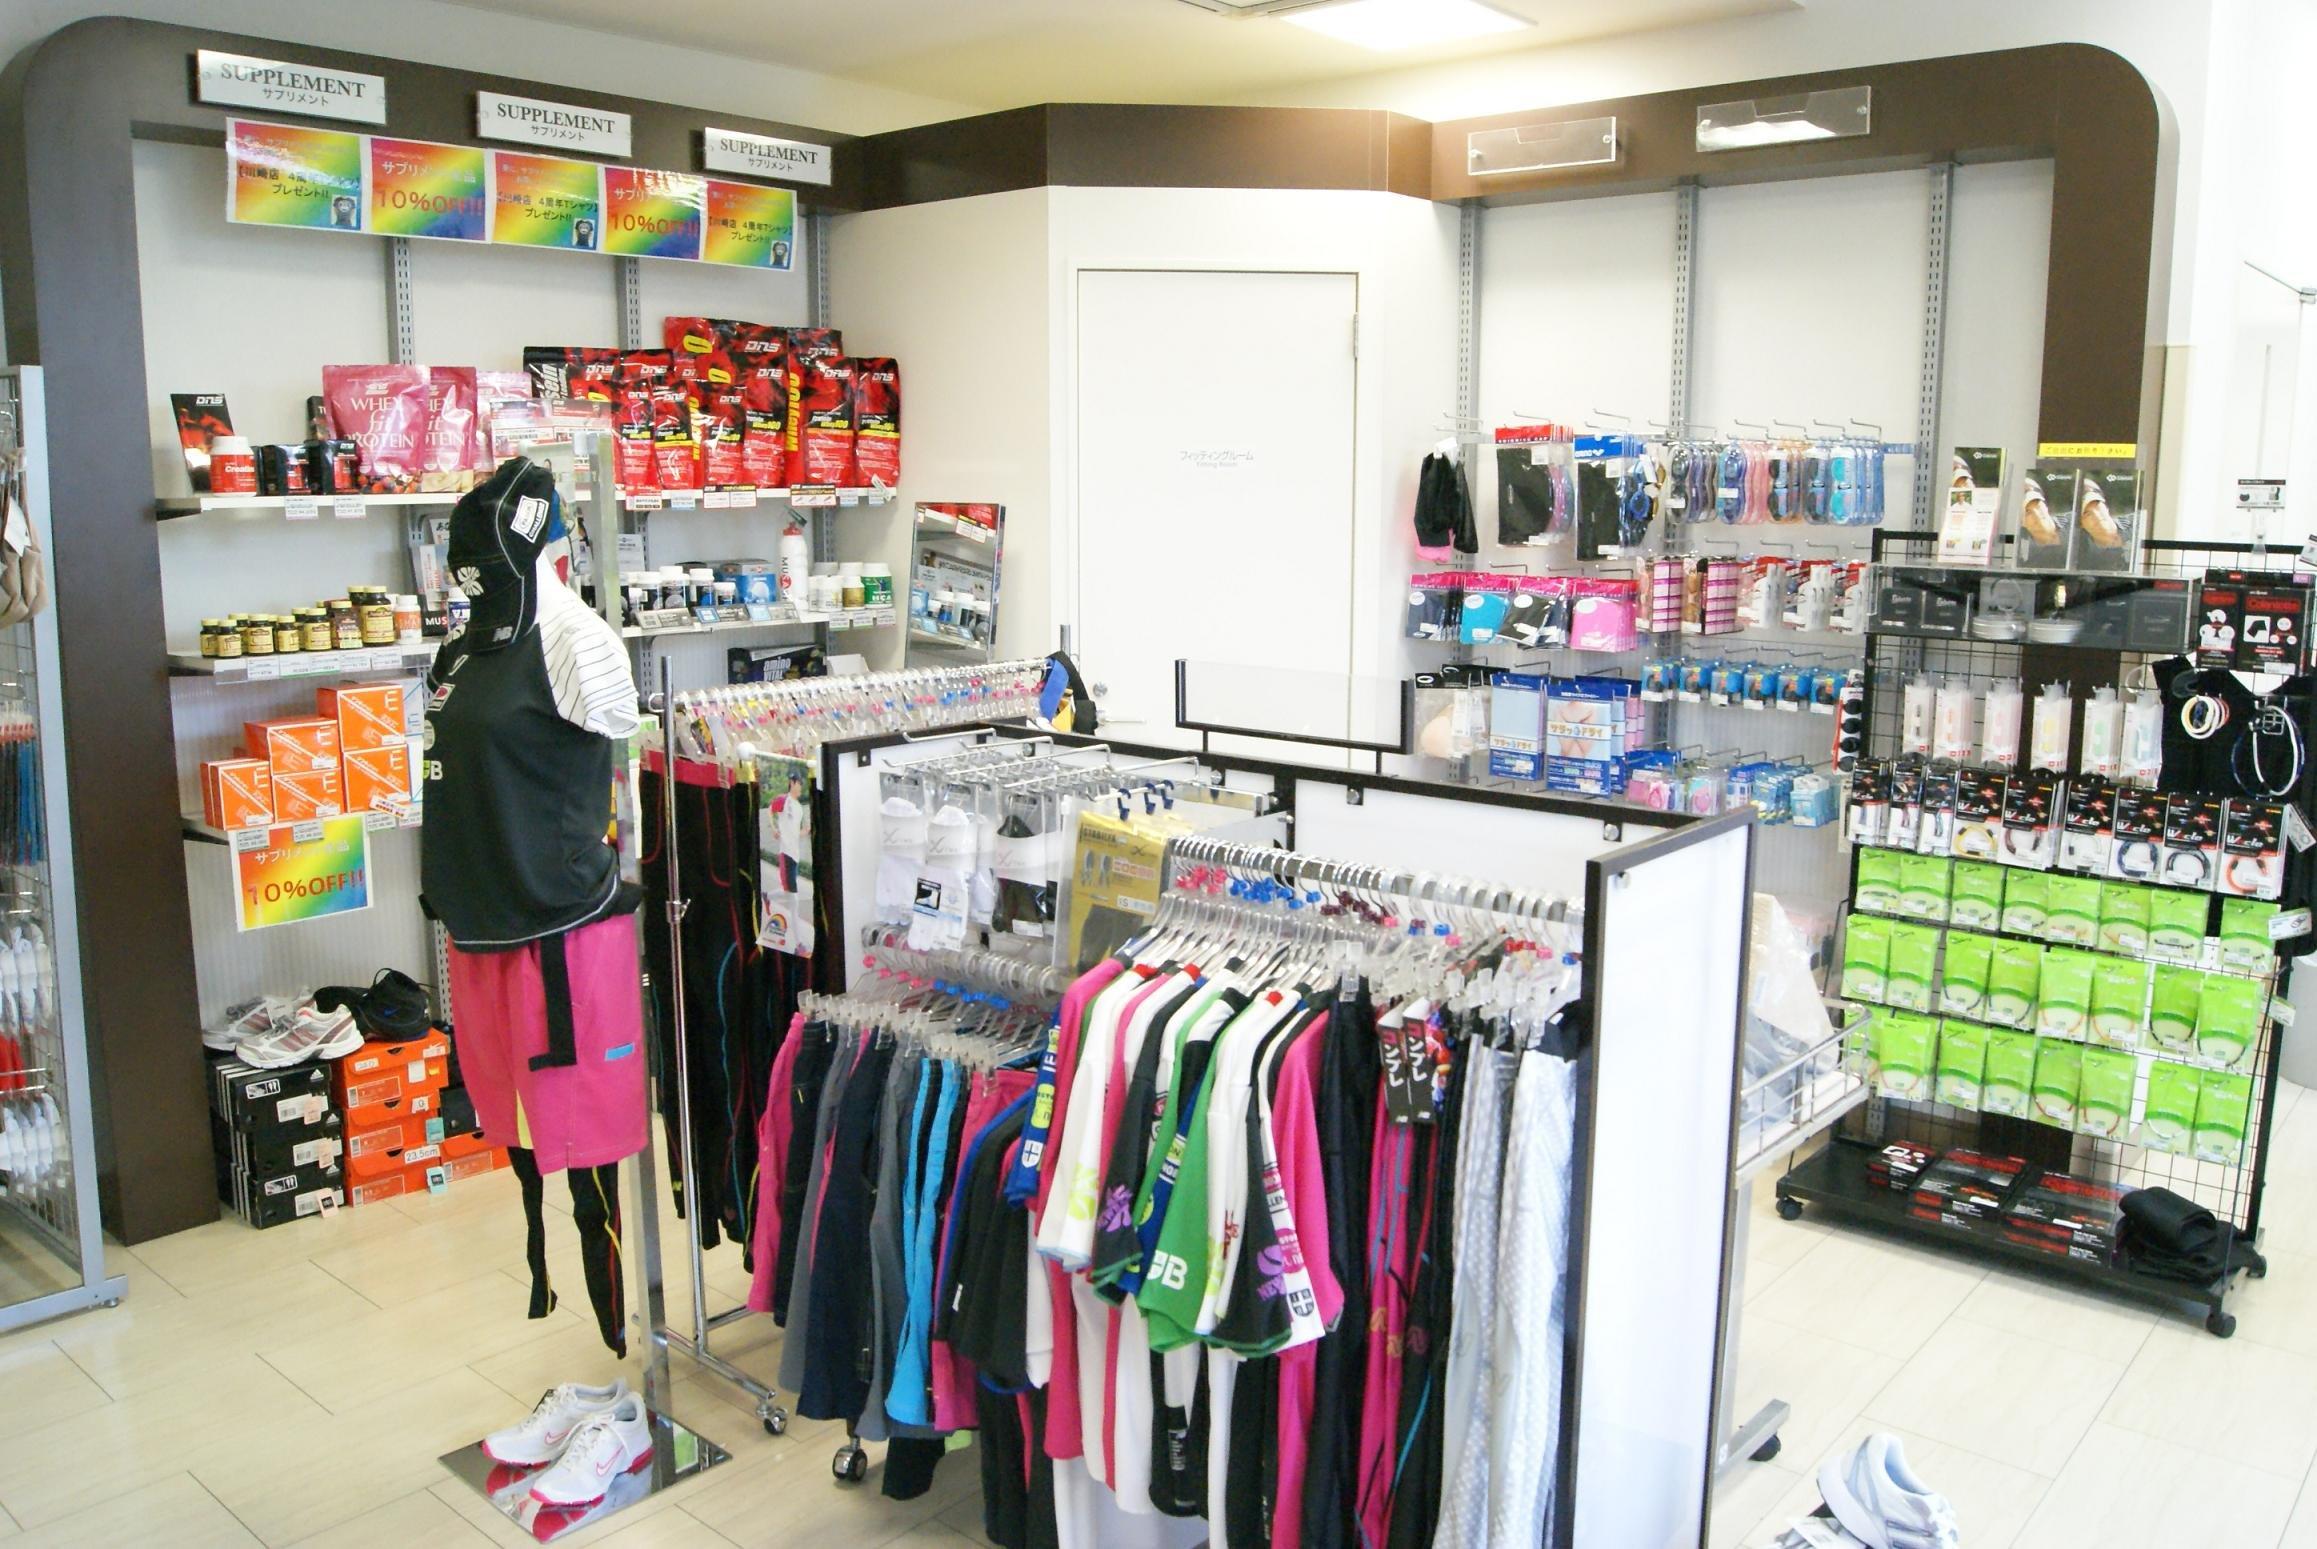 ティップネス川崎店の施設